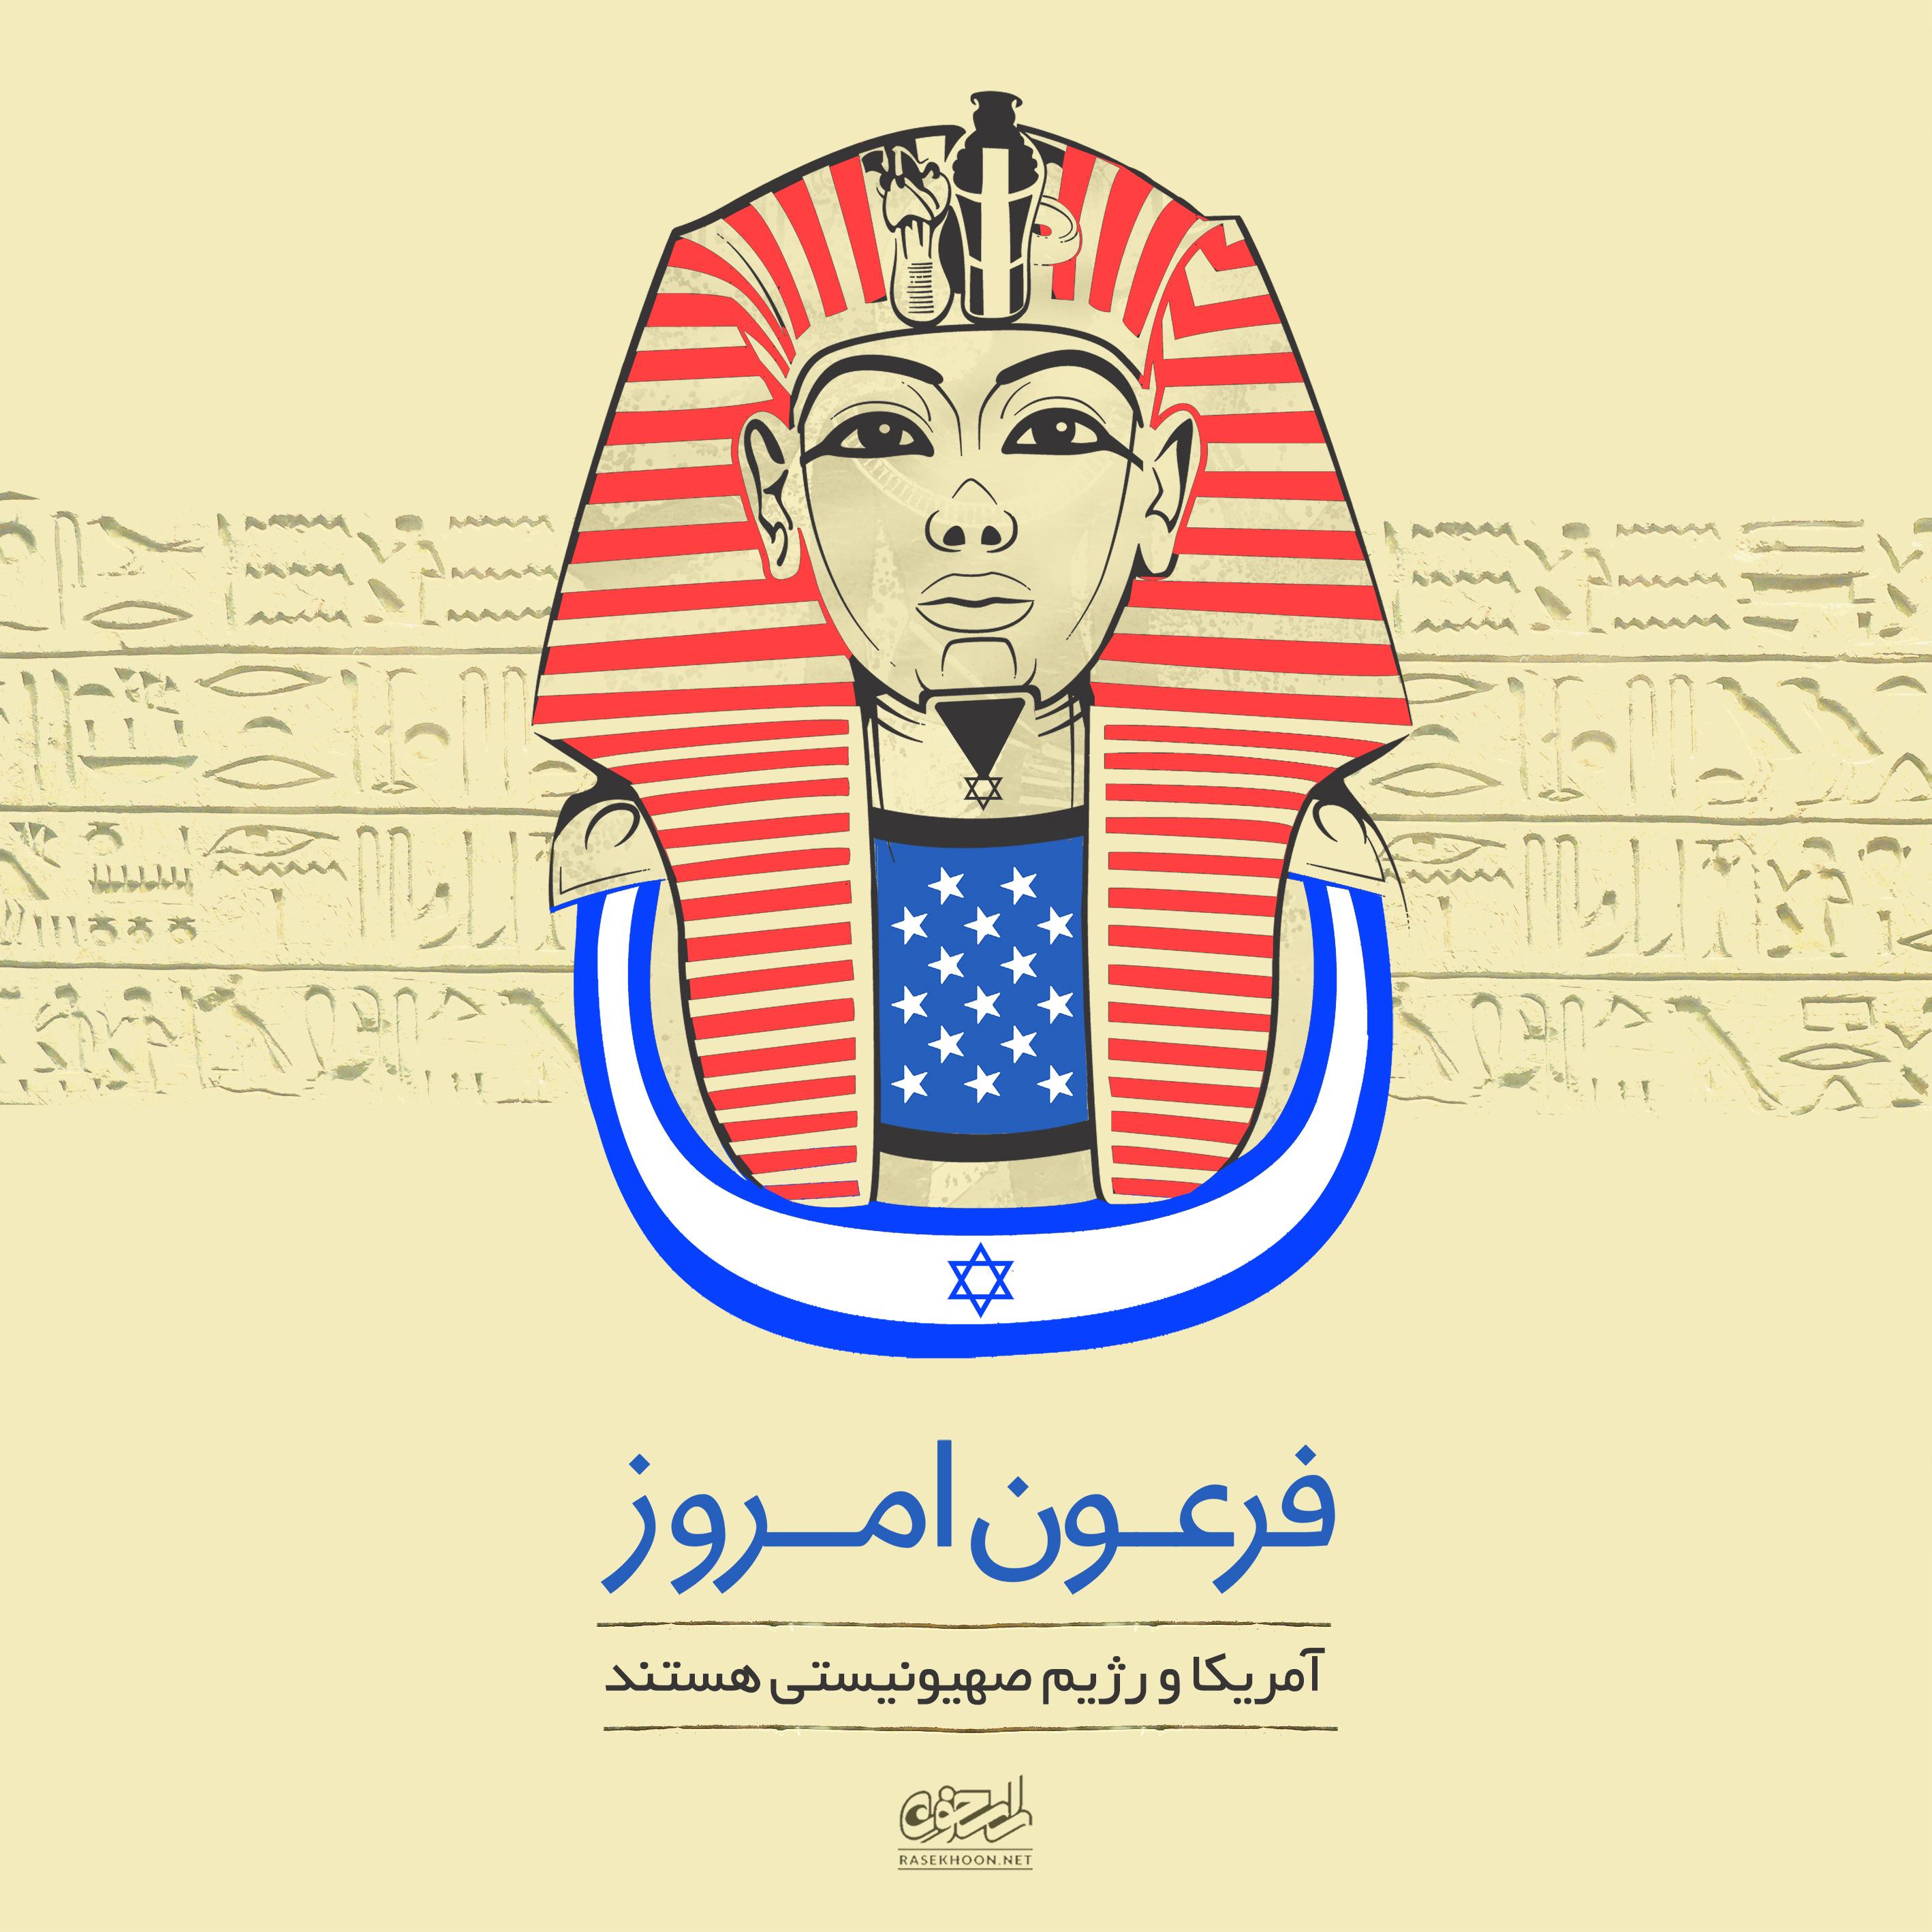 پوستر فرعون امروز